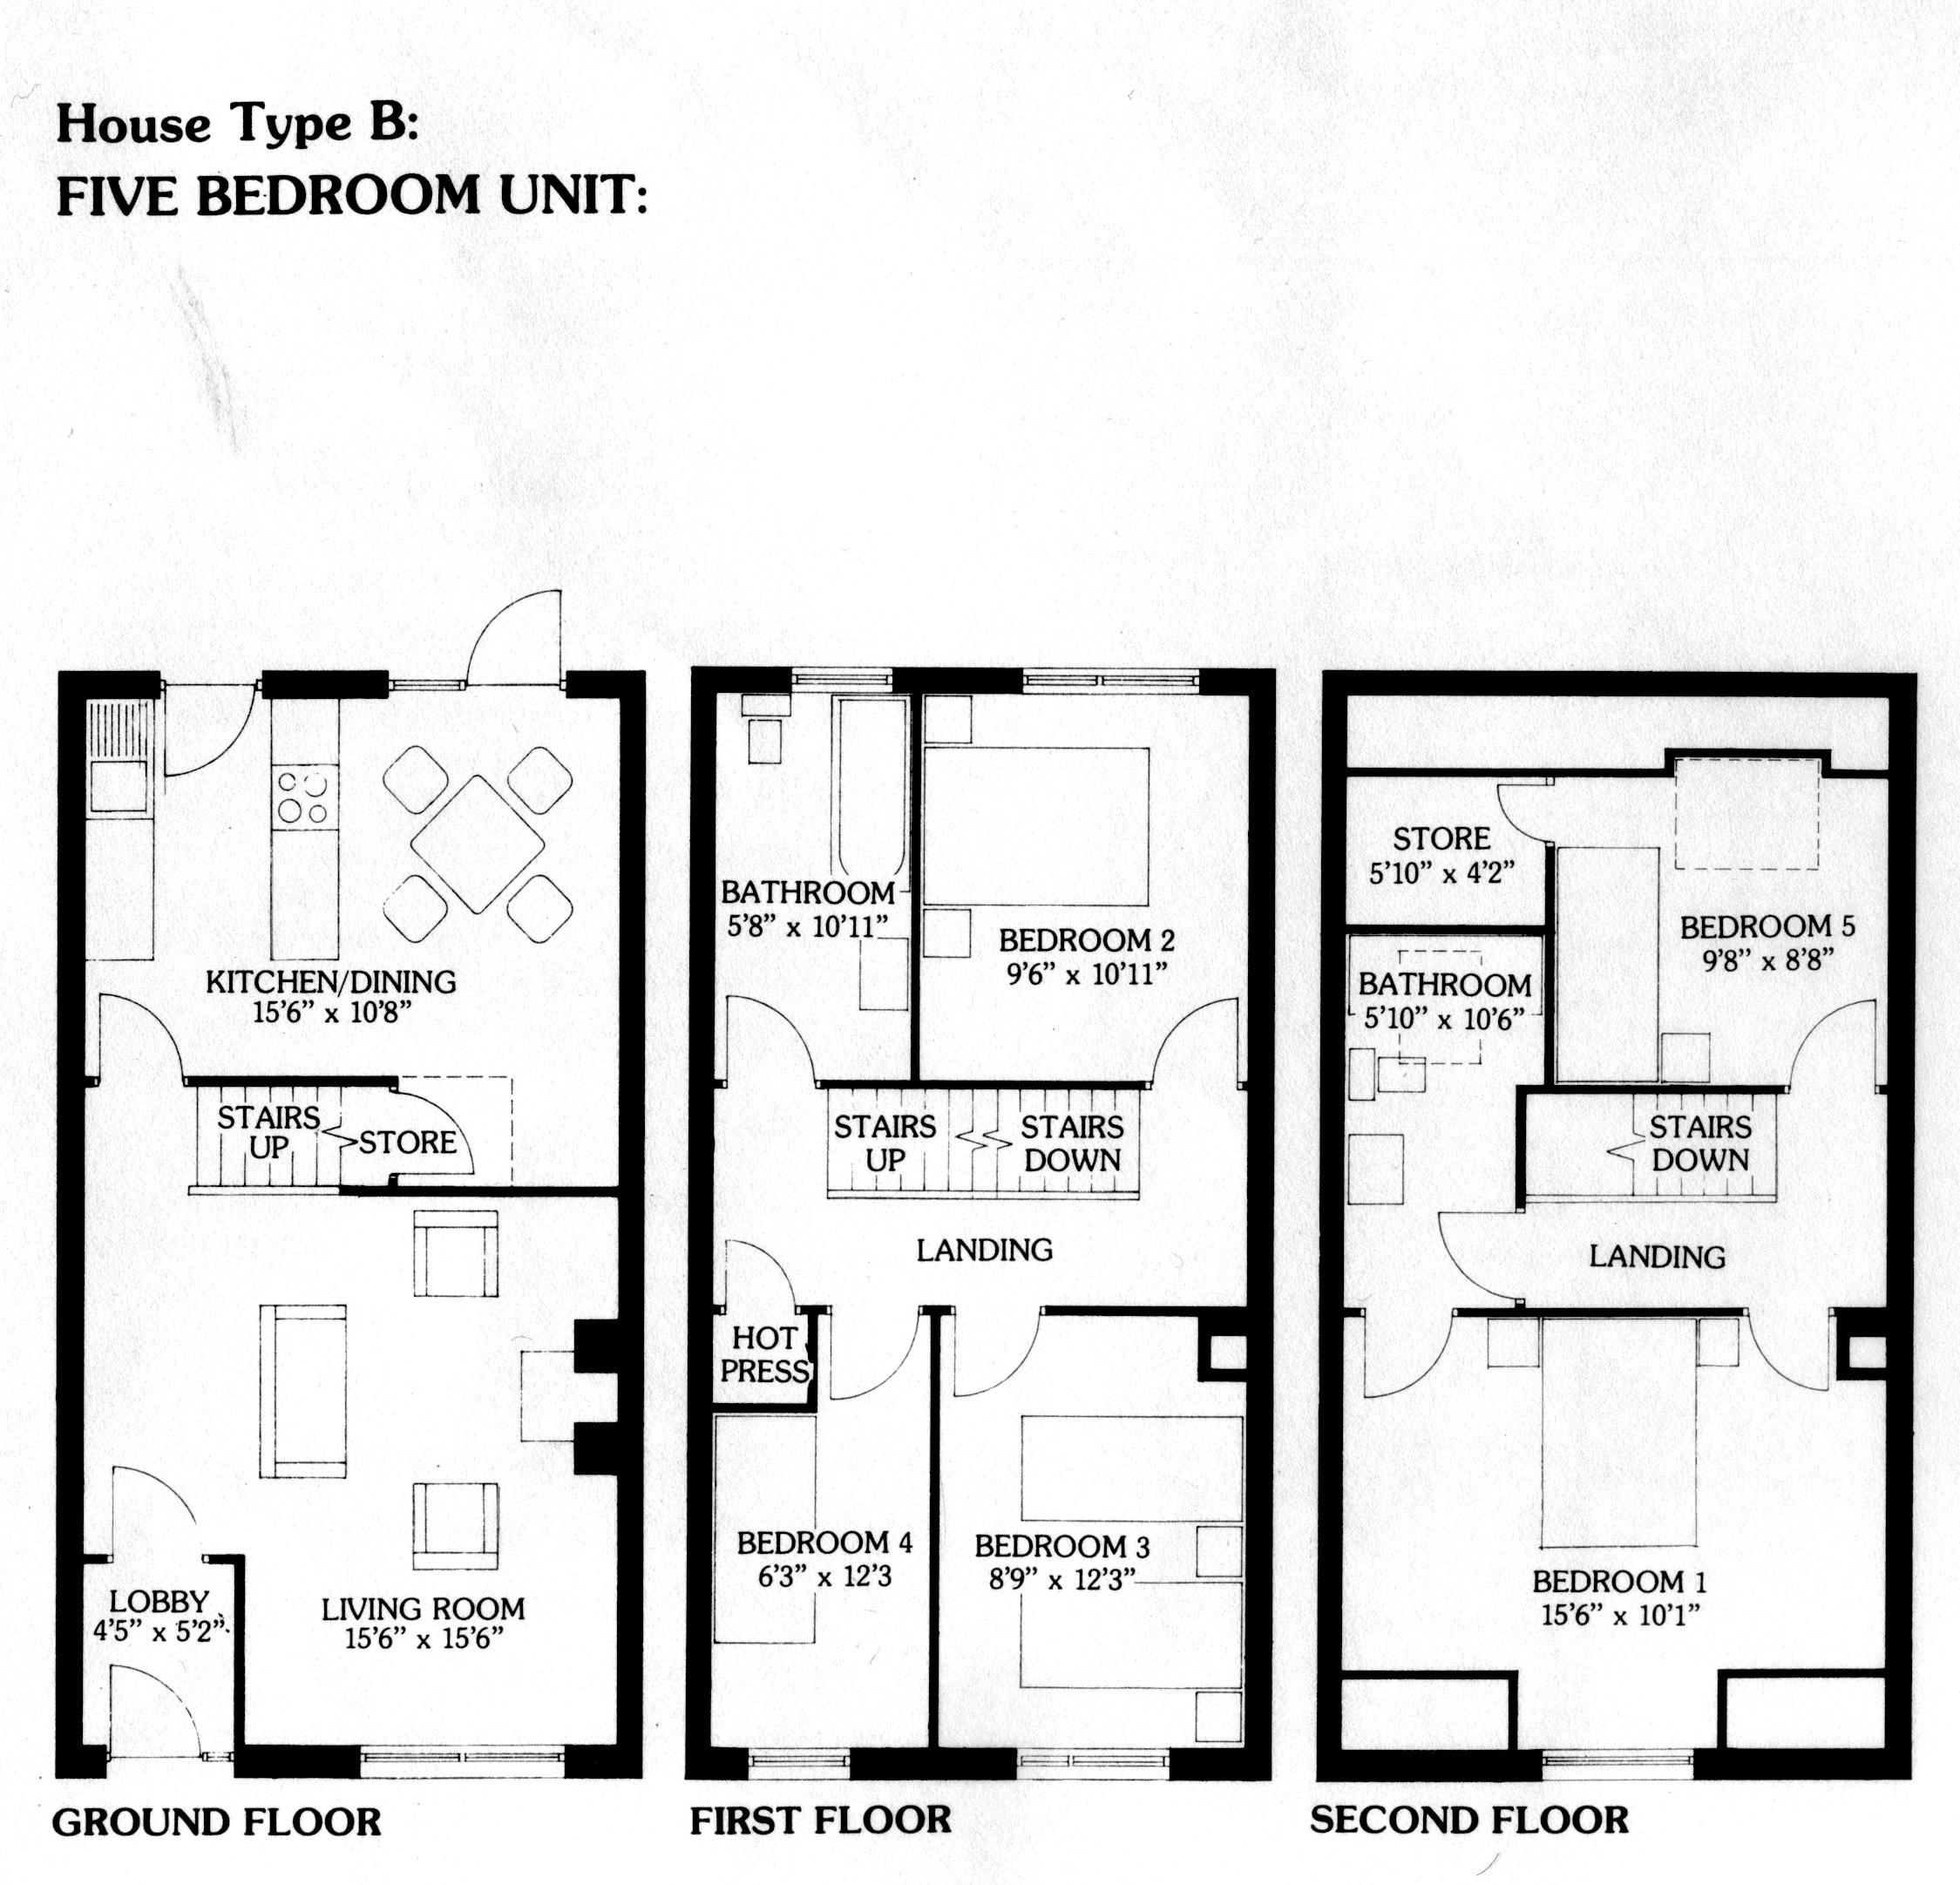 Three storey five bedroom 140 sq.m